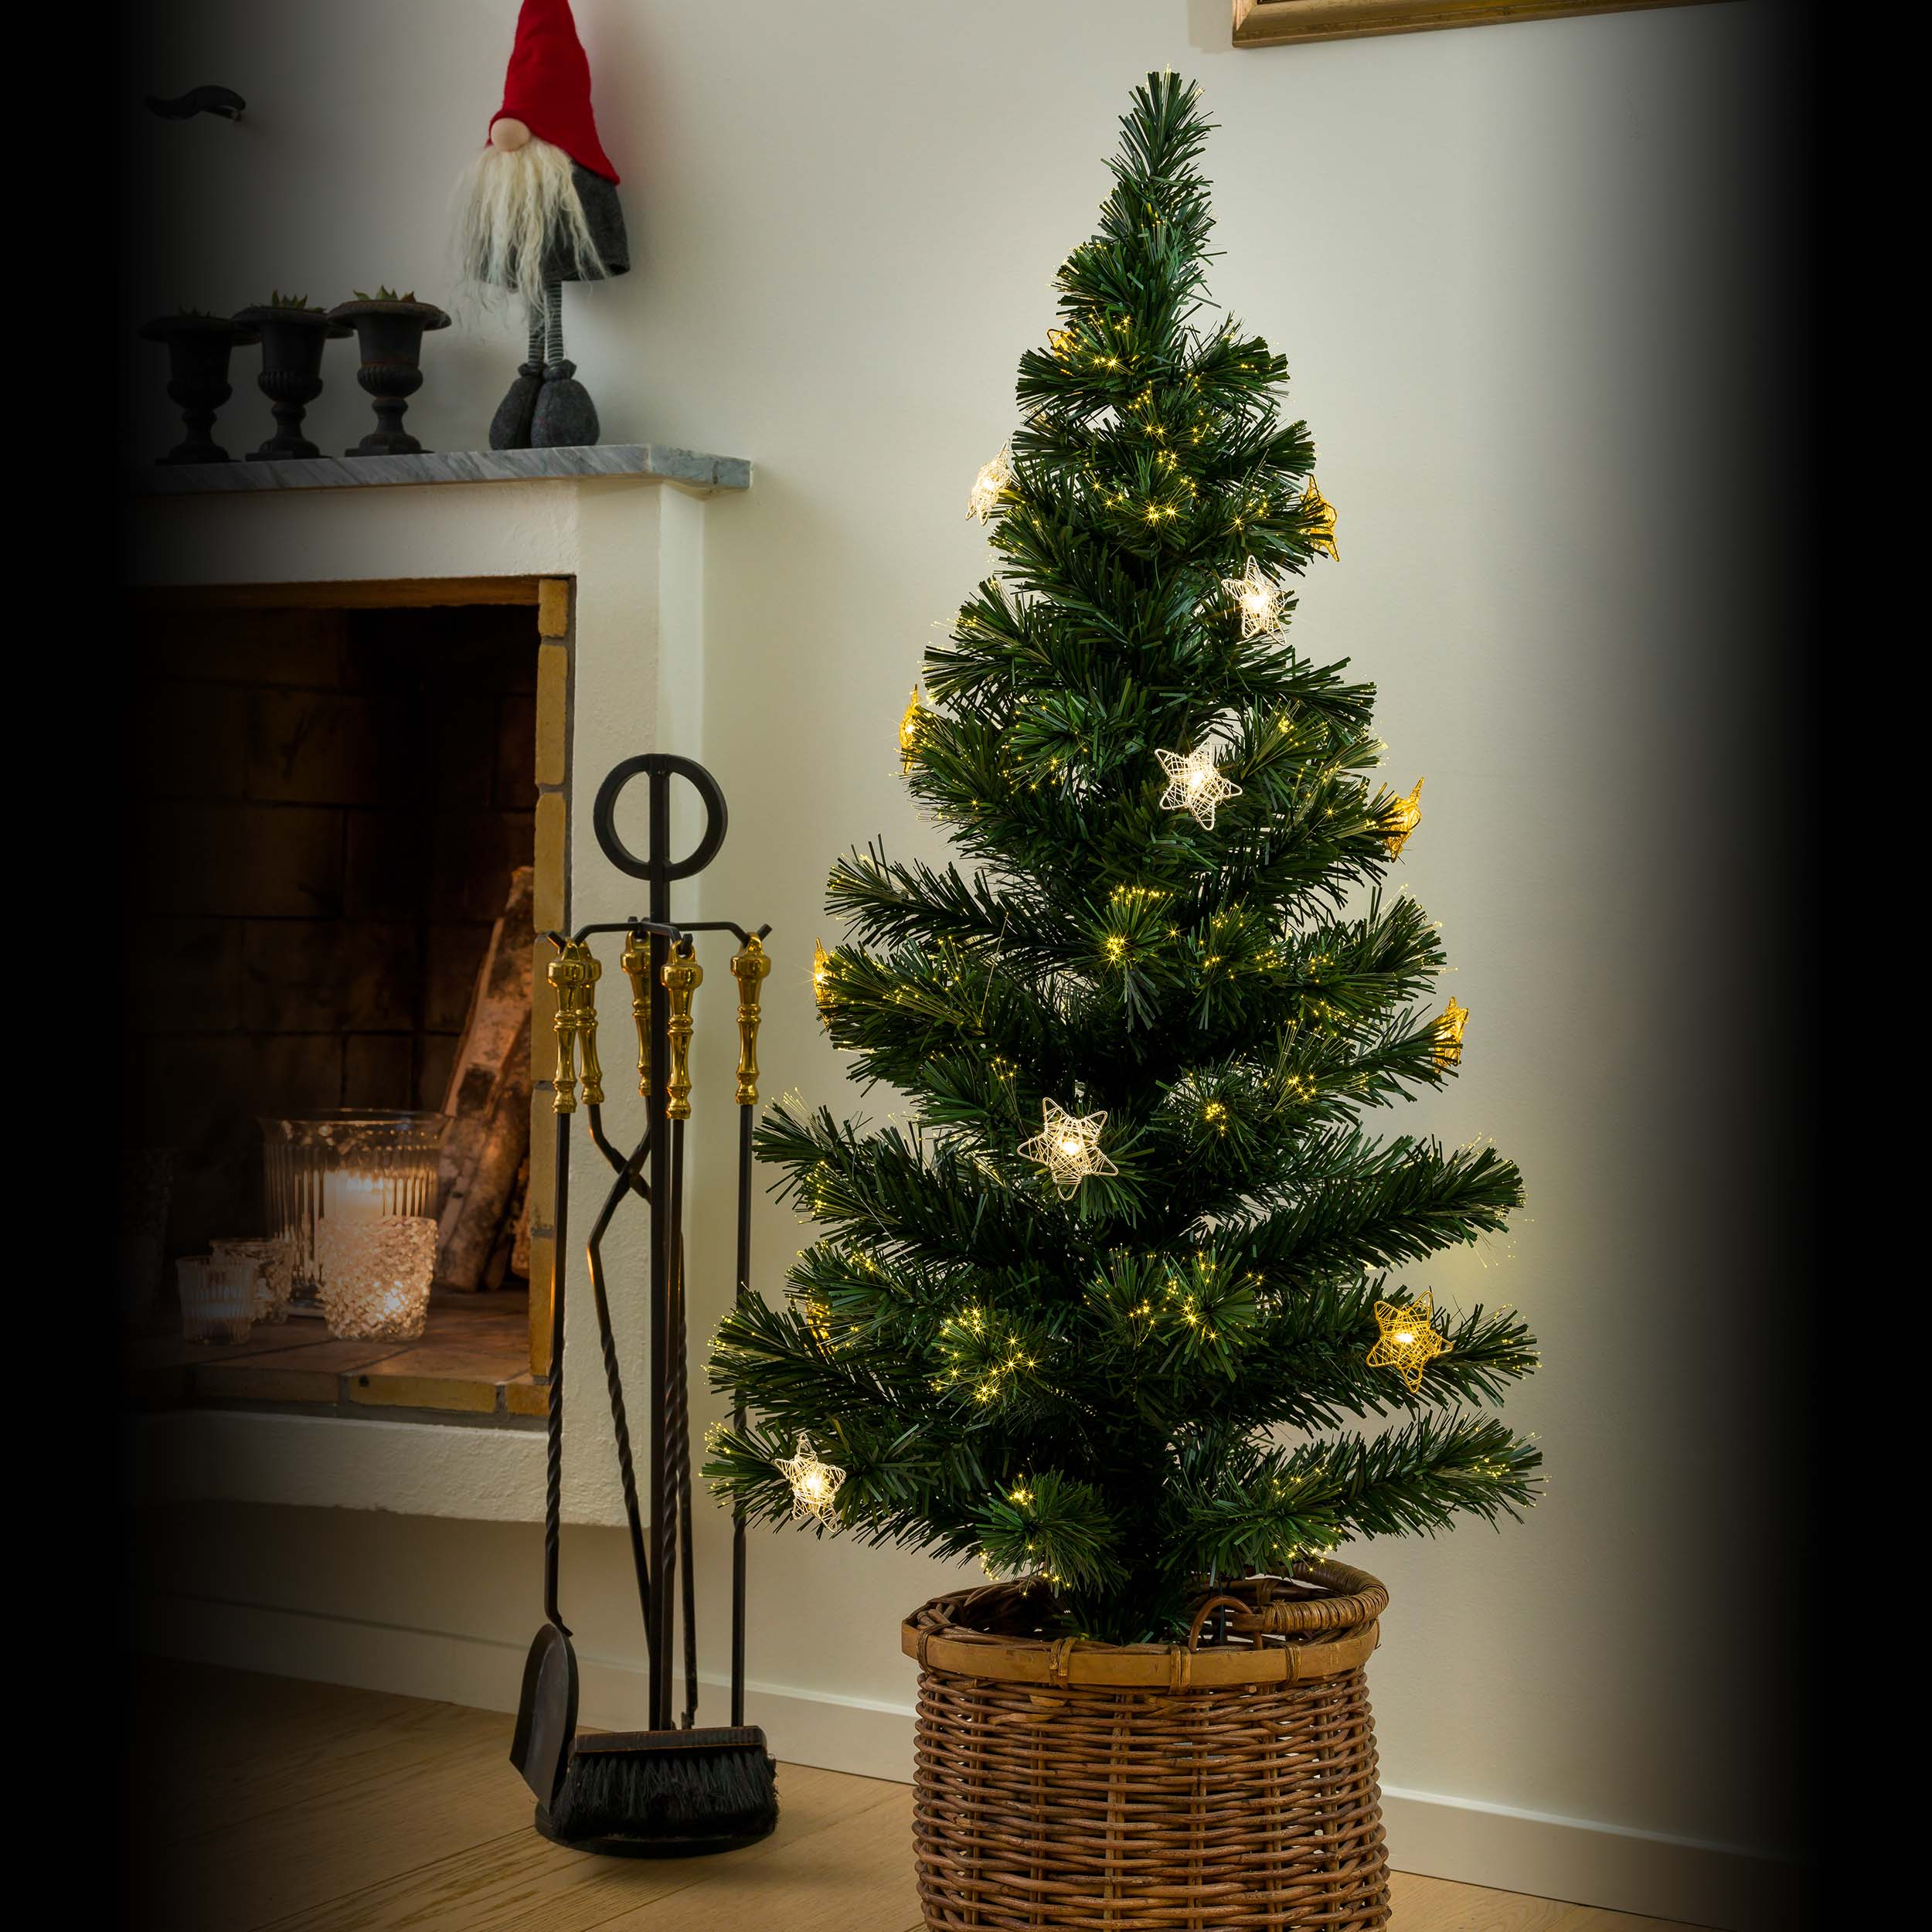 Gnosjö Konstsmide GmbH Konstsmide LED Fiberoptik Weihnachtsbaum, 16 warmweiße Dioden, 120cm 3399-900